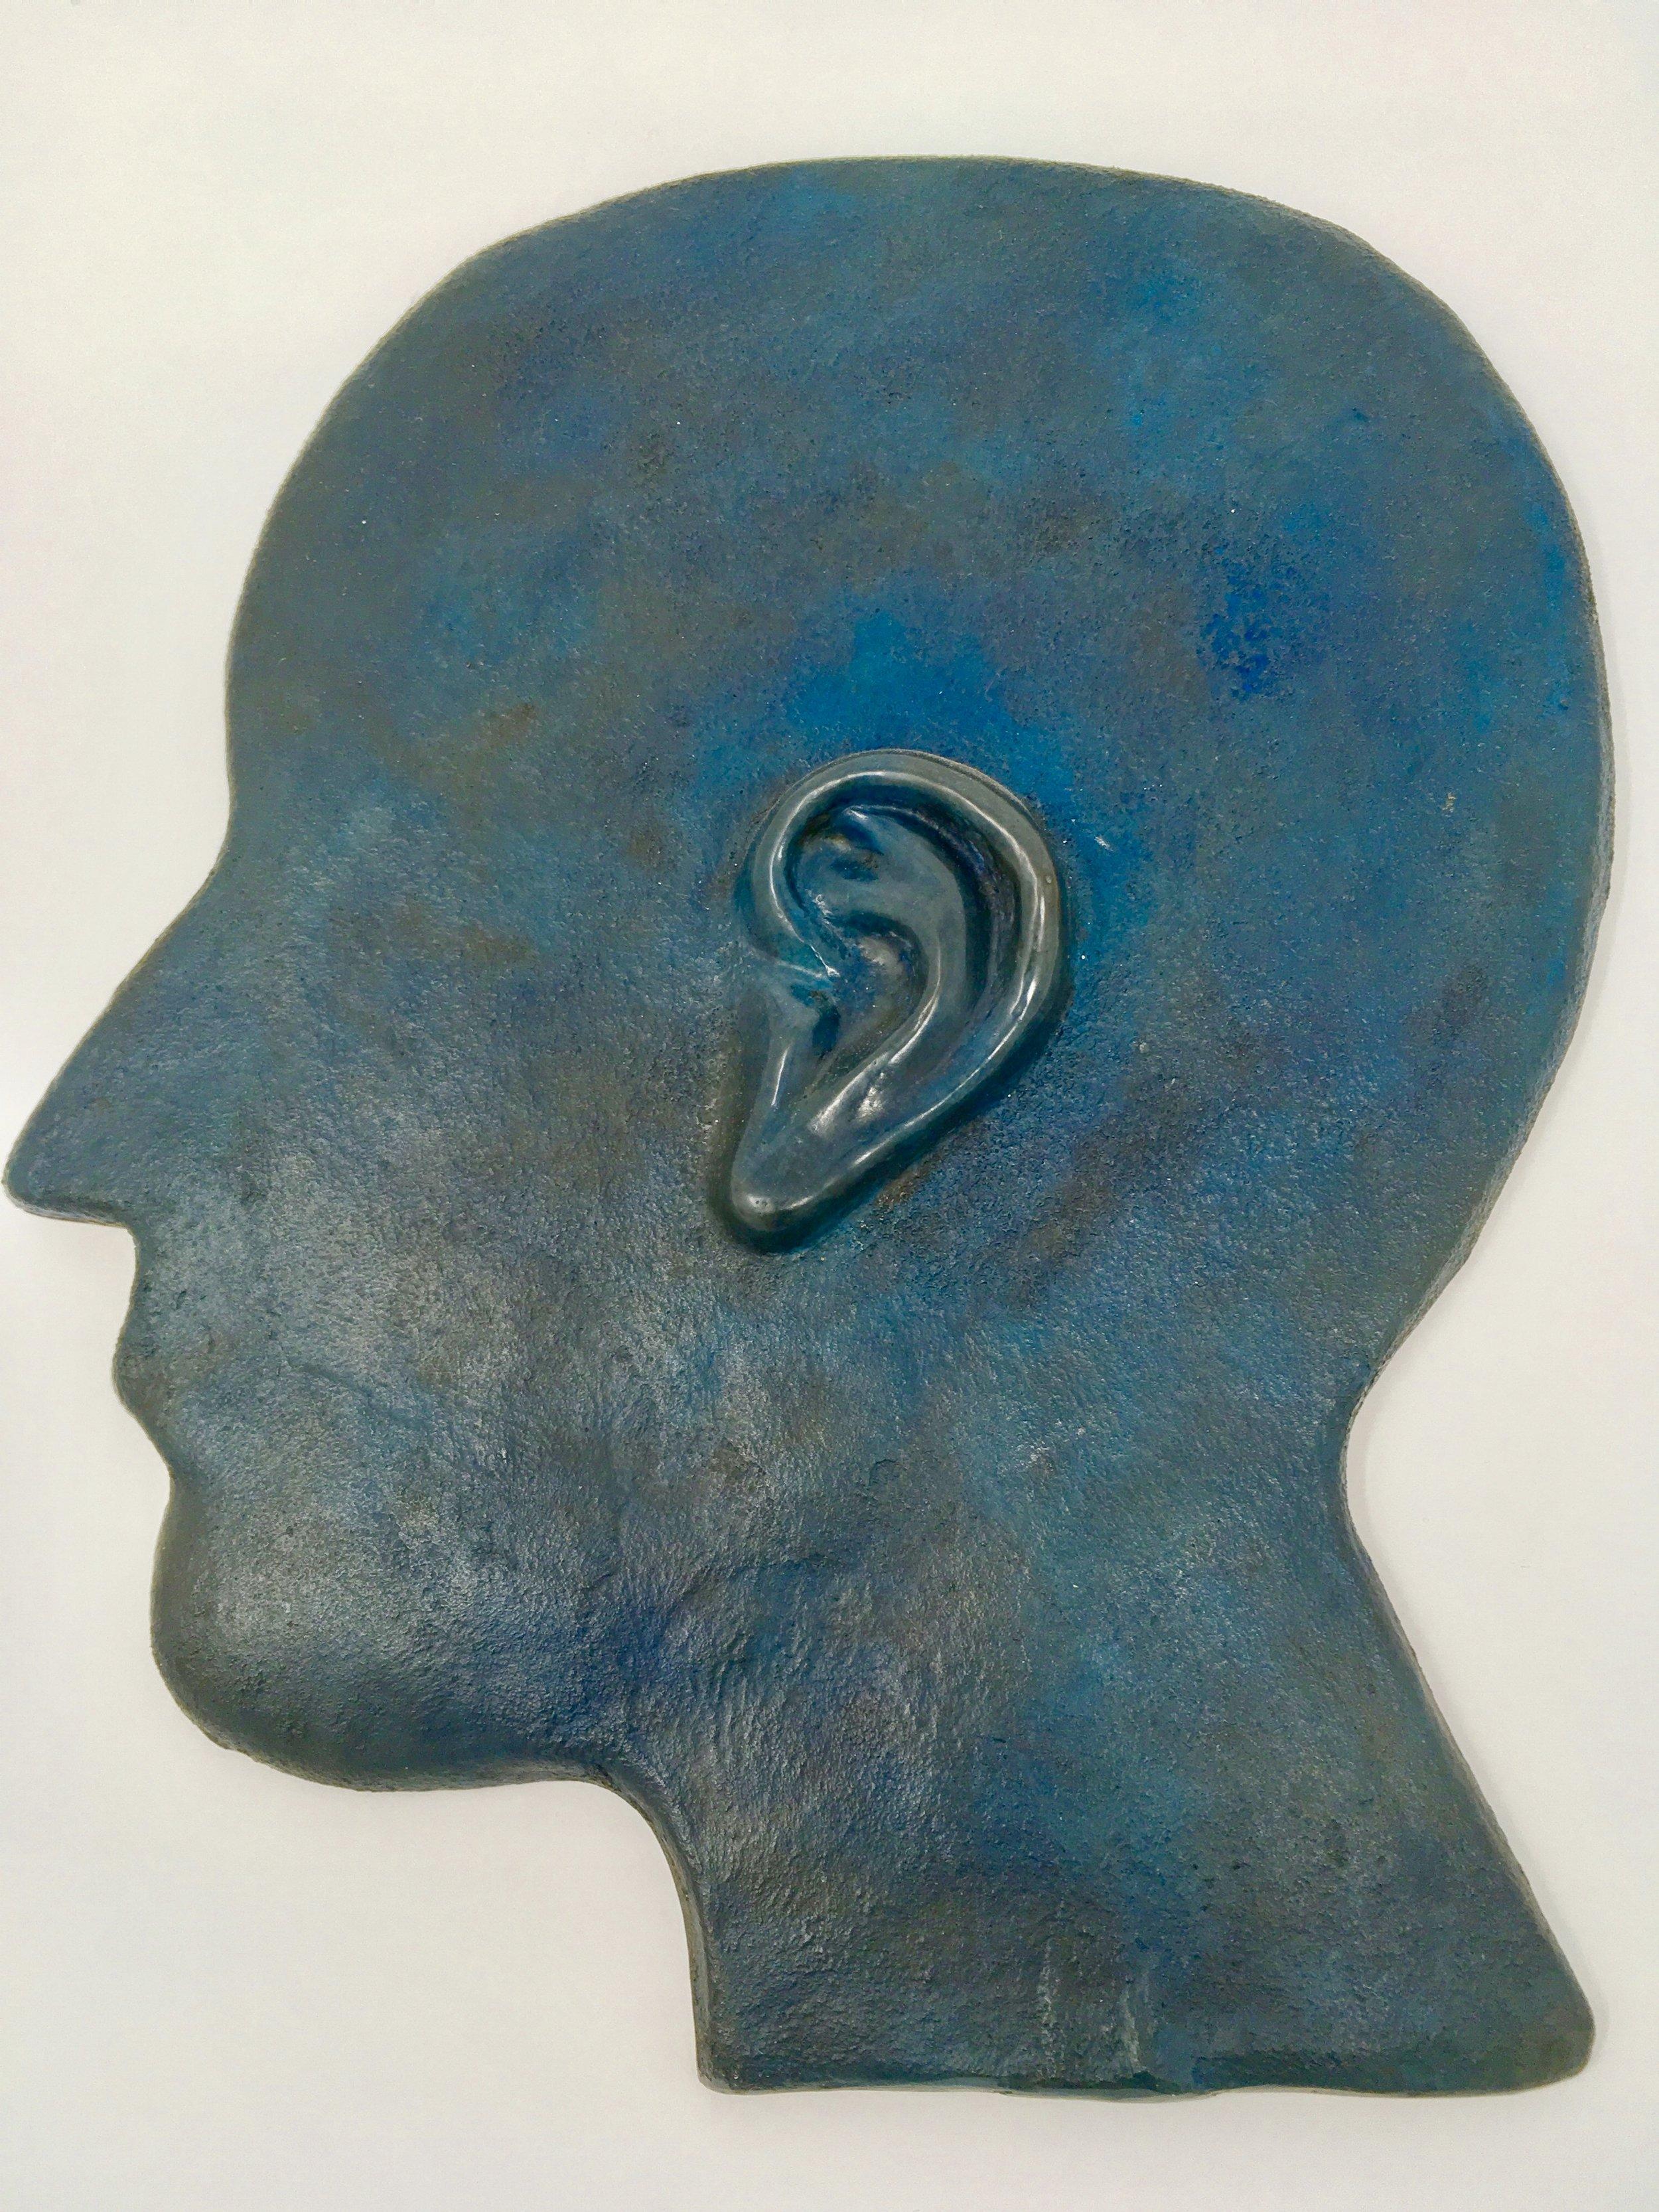 Earhead